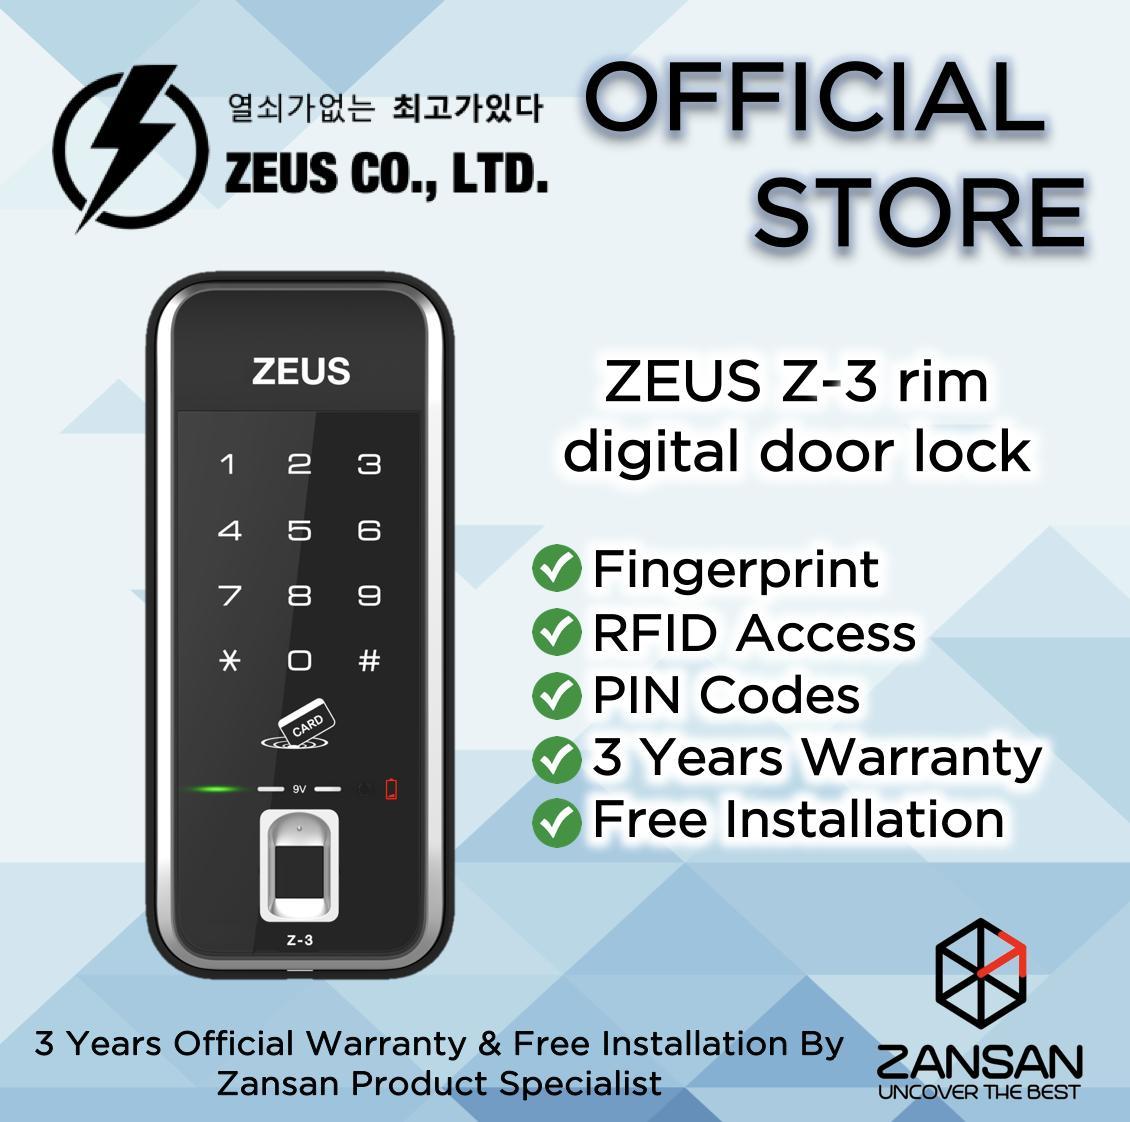 Zeus Z-3 Digital Door Lock